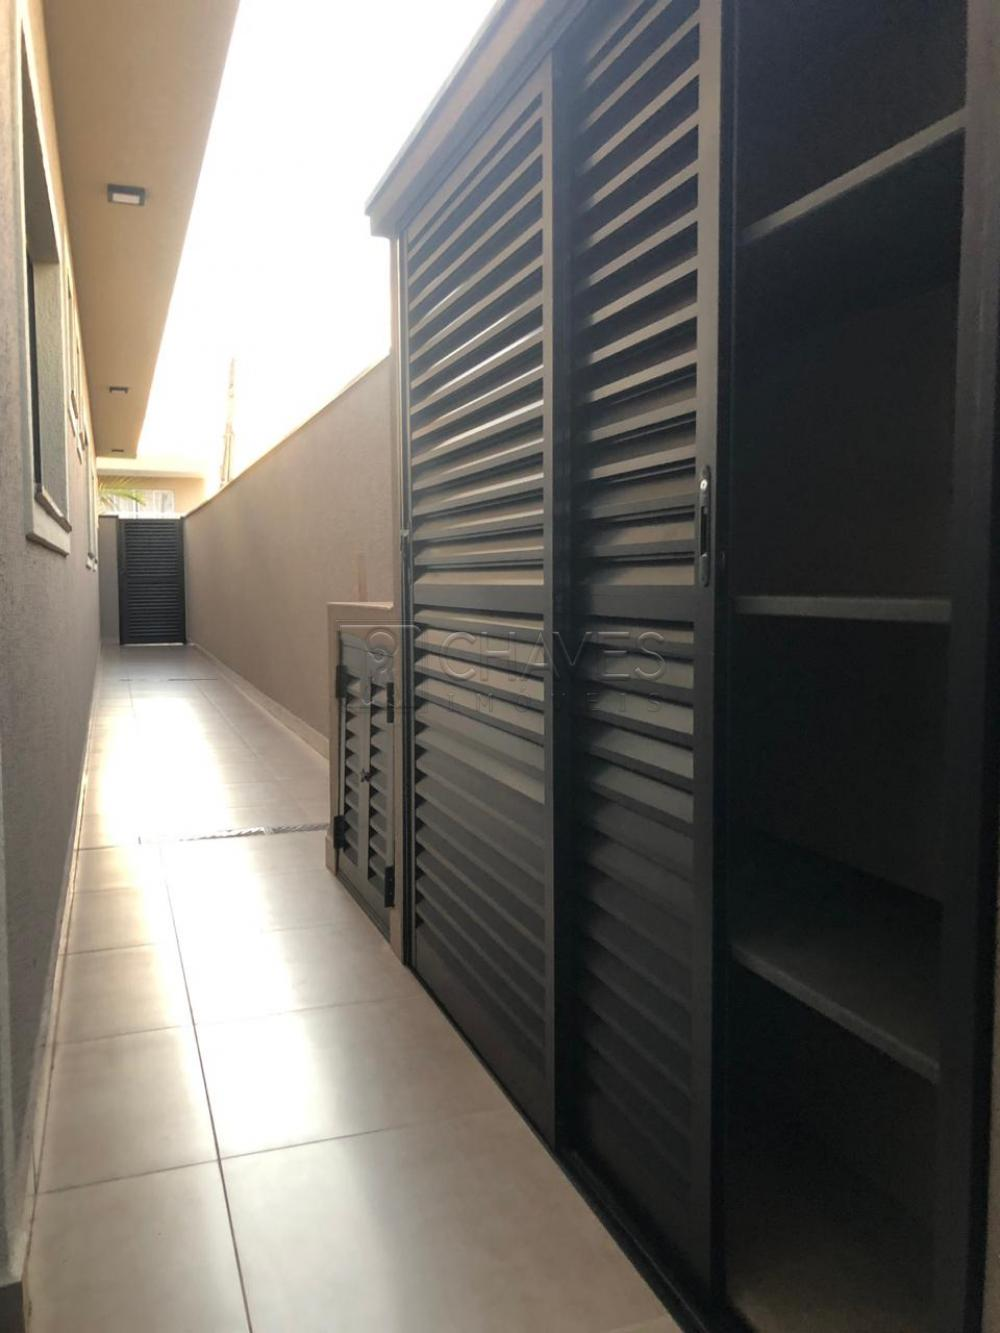 Comprar Casa / Condomínio em Bonfim Paulista apenas R$ 780.000,00 - Foto 19